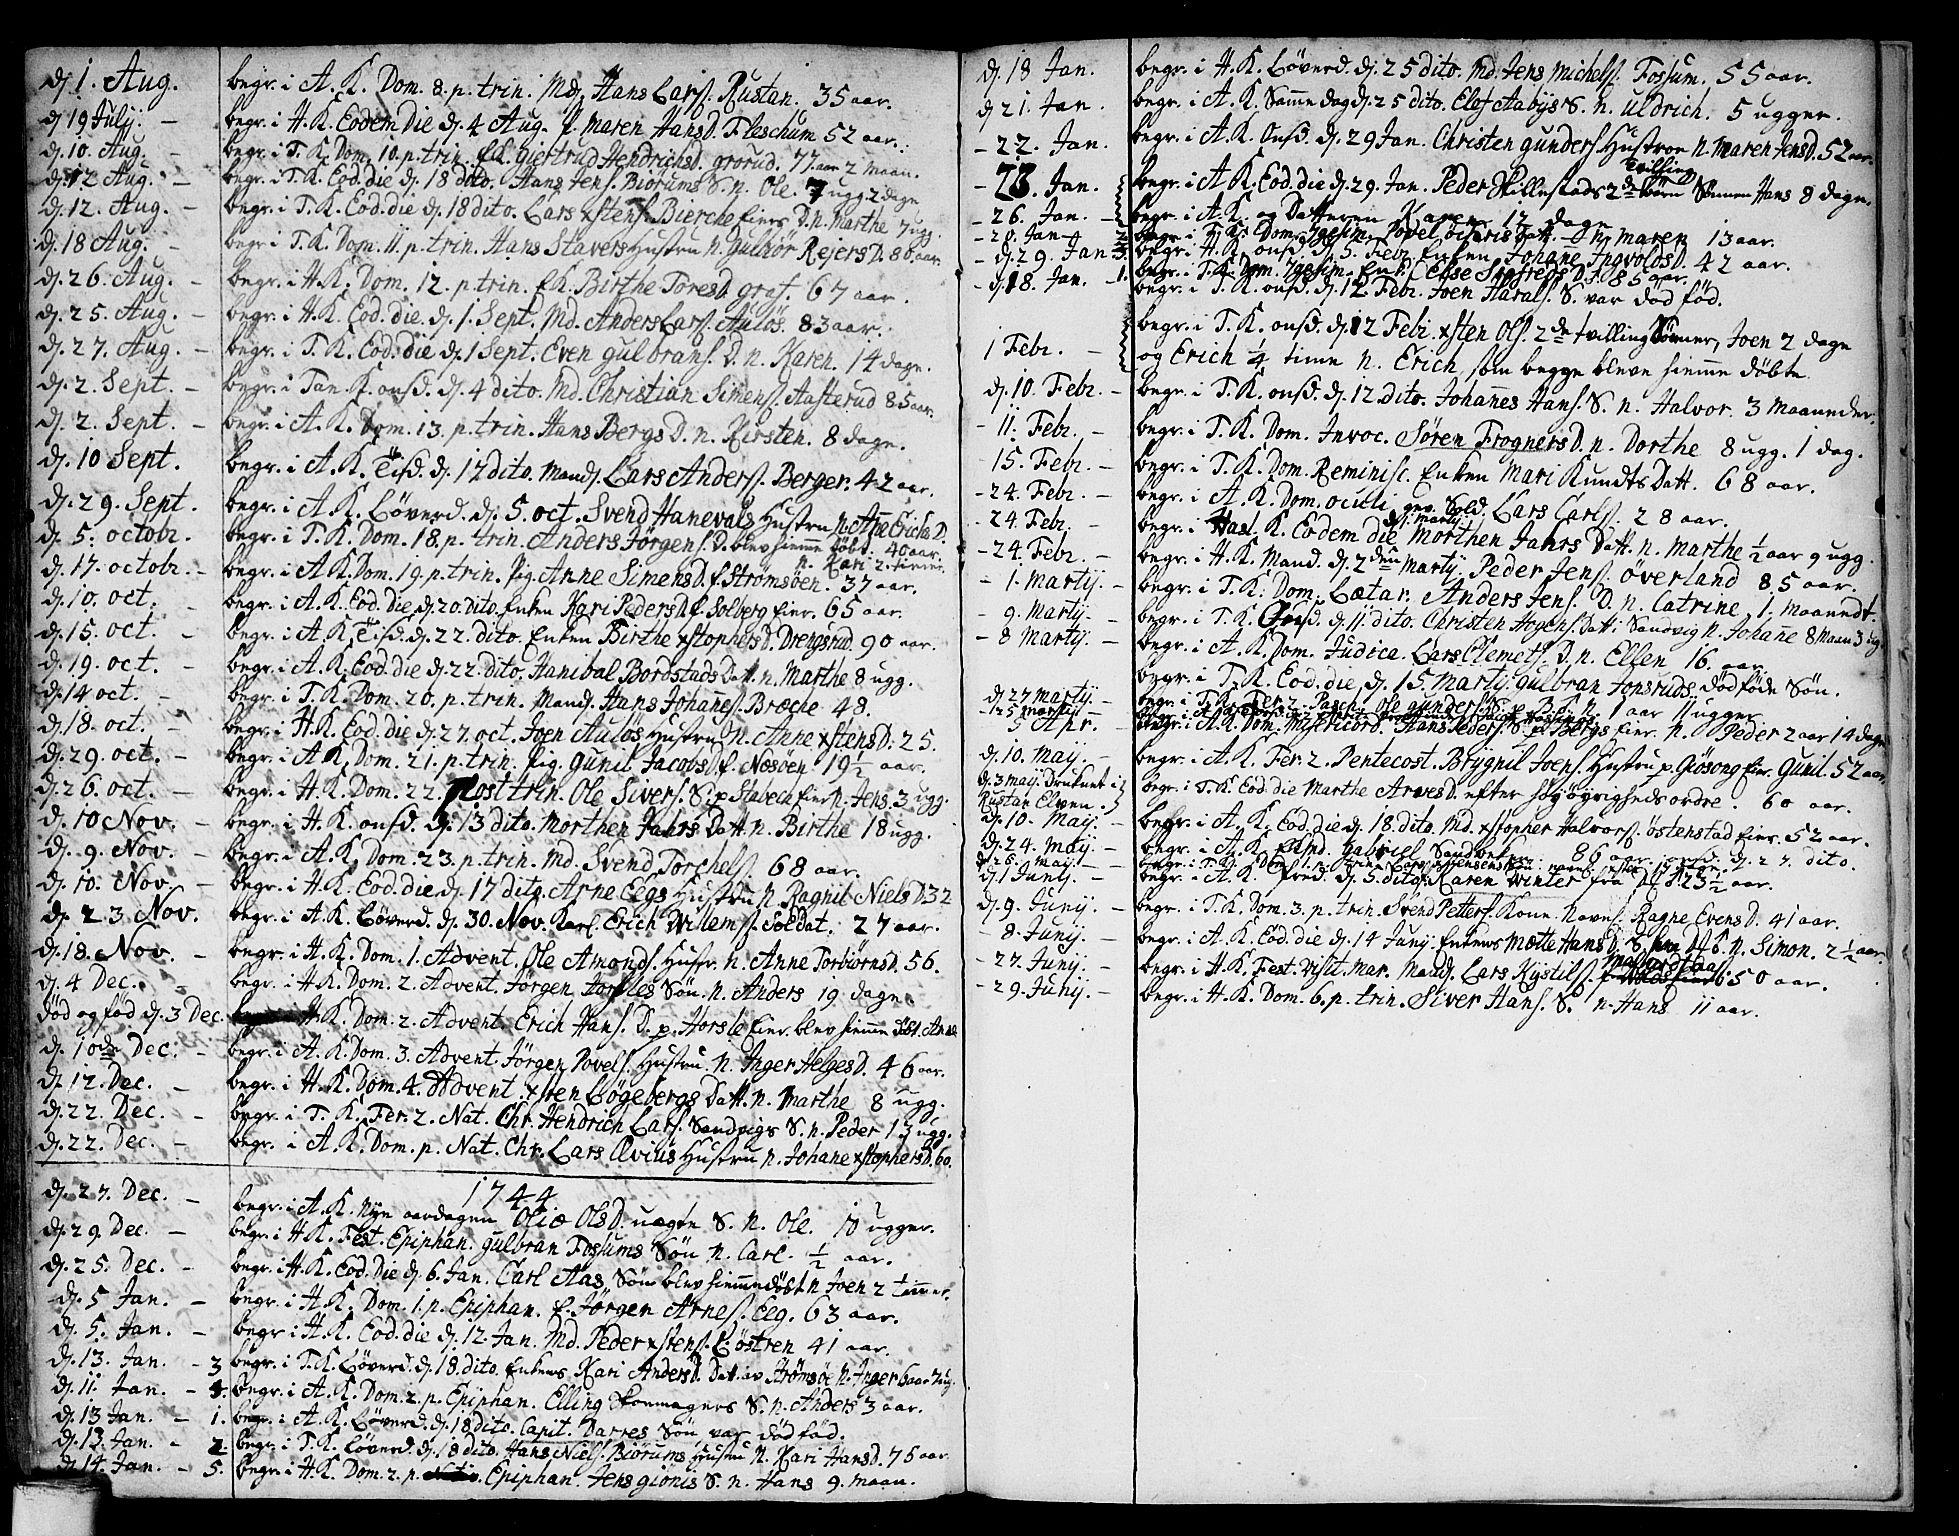 SAO, Asker prestekontor Kirkebøker, F/Fa/L0001: Ministerialbok nr. I 1, 1726-1744, s. 112